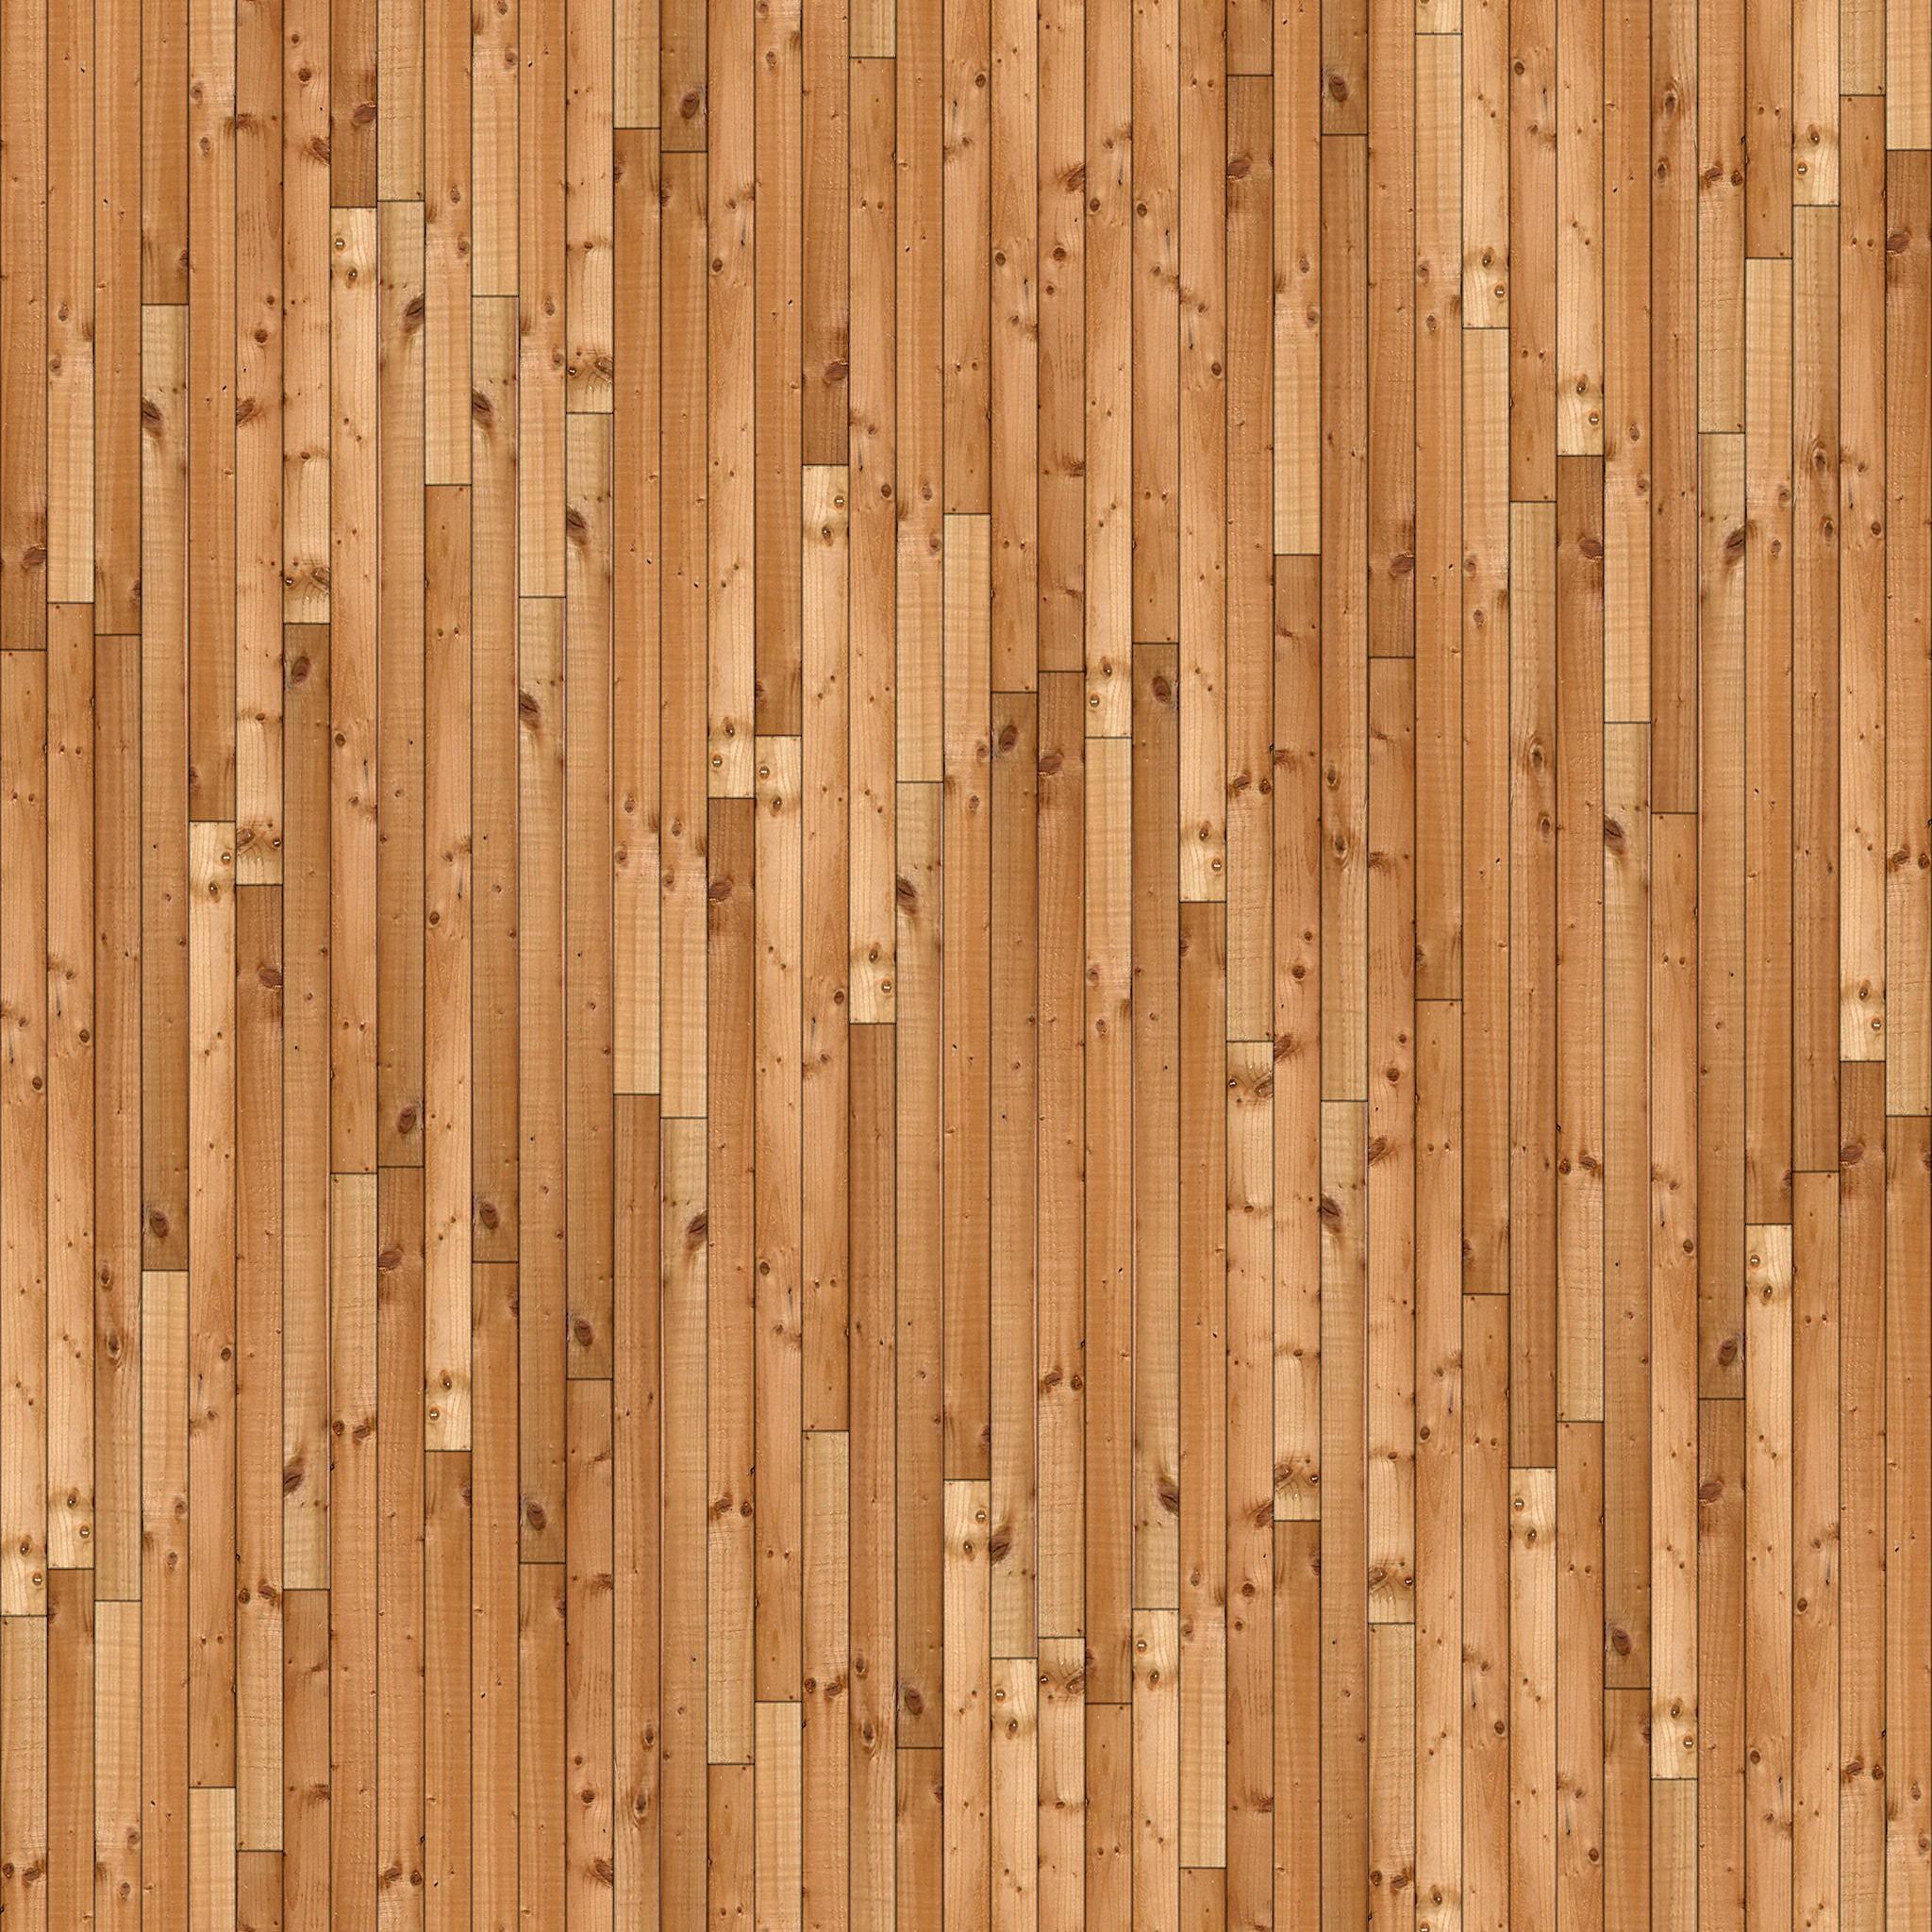 Floor Wood Wallpaper 2048x2048 Floor Wood Textures Backgrounds 2048x2048